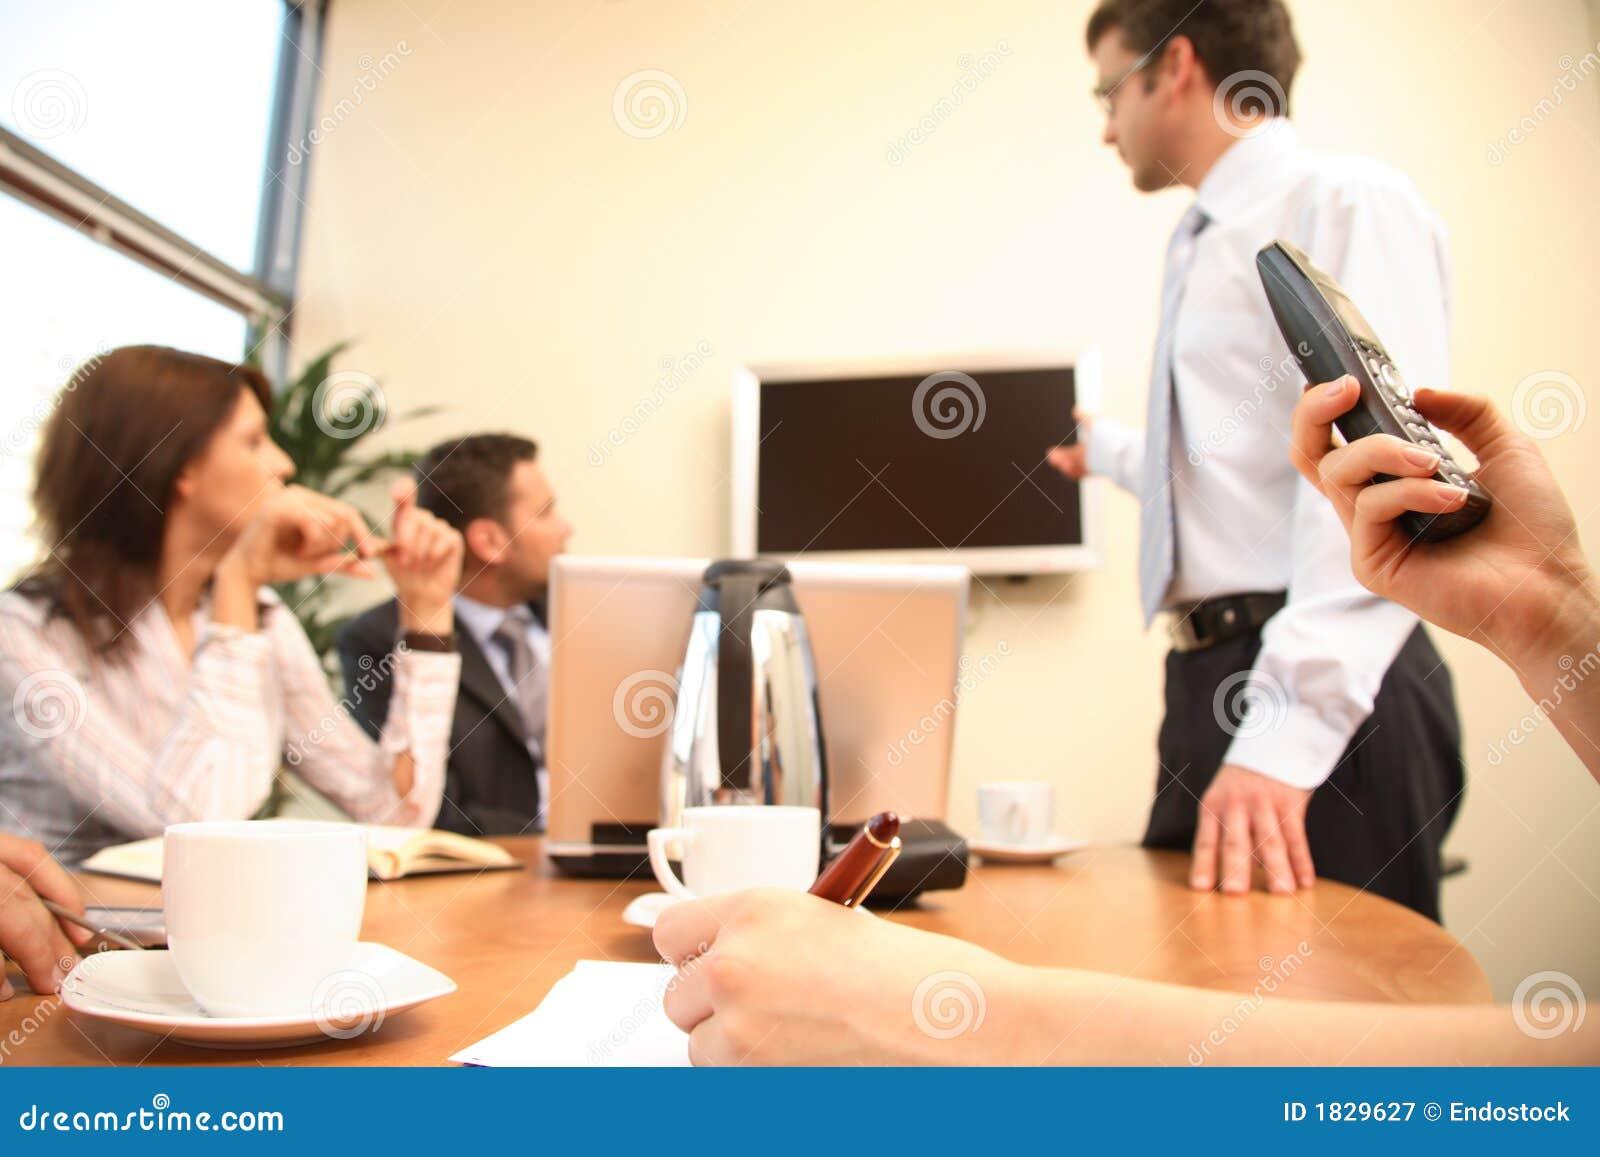 Mens die tot presentatie op het scherm van TV maakt aan de groep mensen